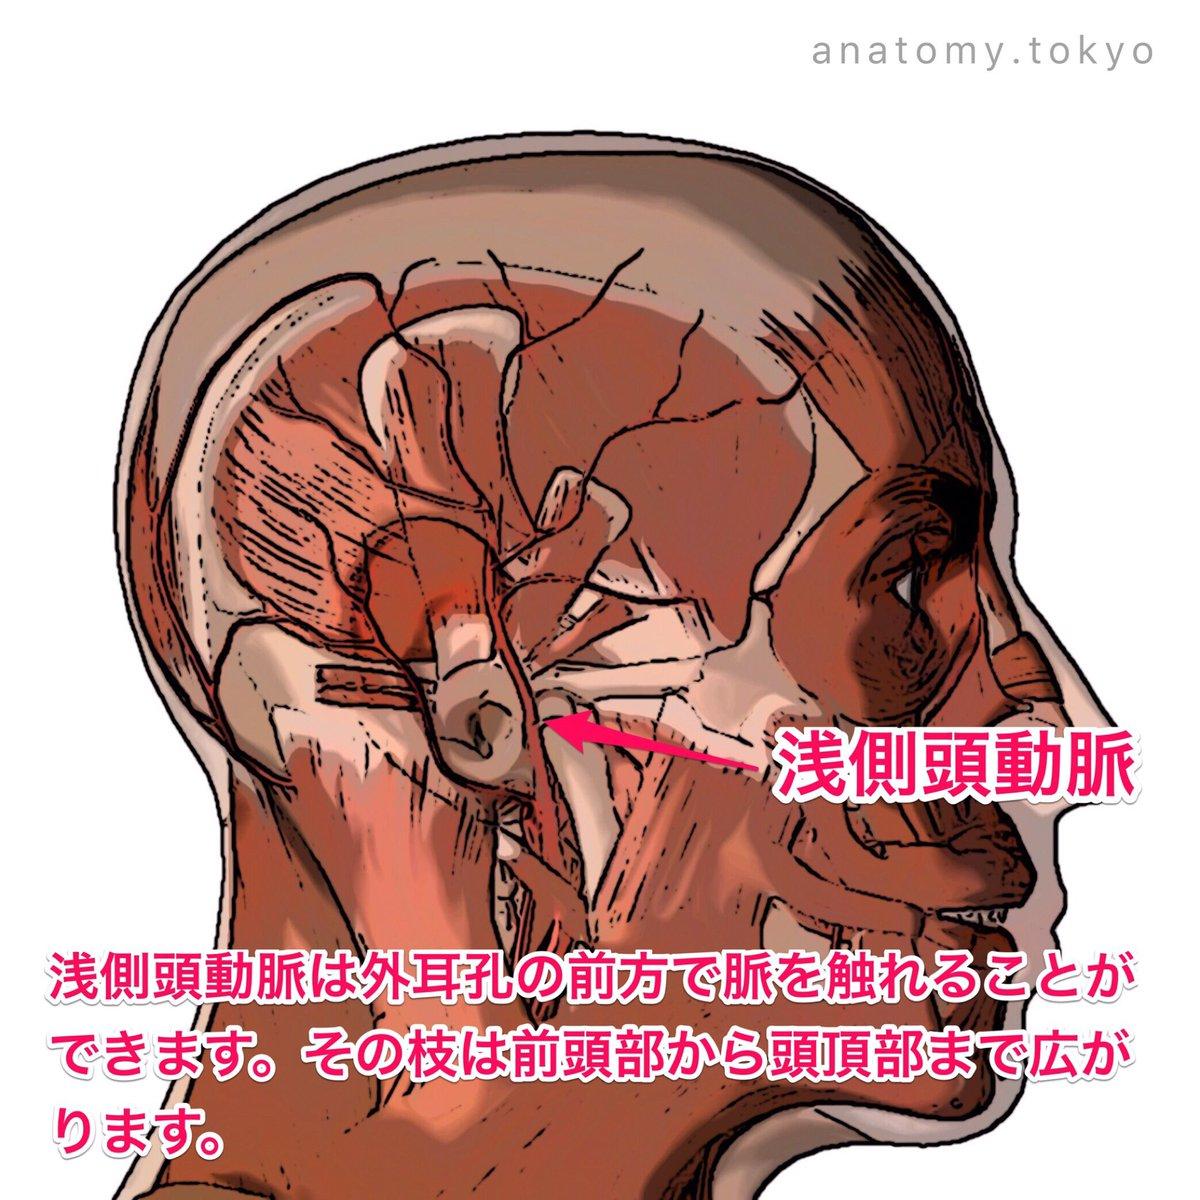 """かずひろ先生の【徹底的国試対策】解剖学 på Twitter: """"外頸動脈の枝で ..."""